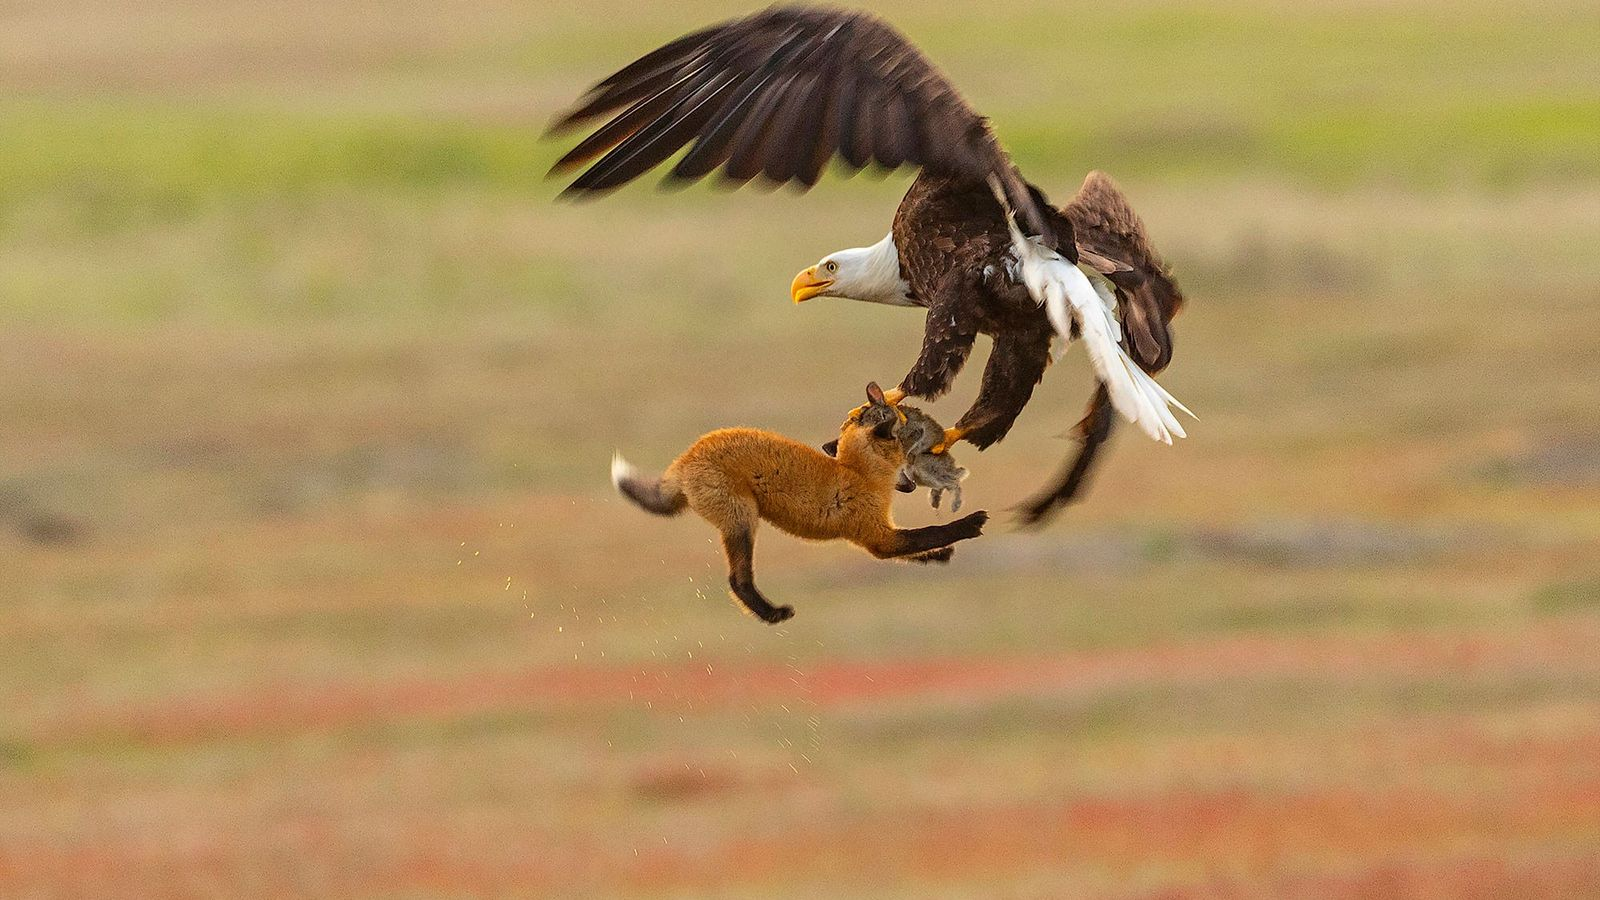 Fotógrafo achou que a águia fosse assustar a raposa e fazê-la derrubar sua refeição, mas ela ...